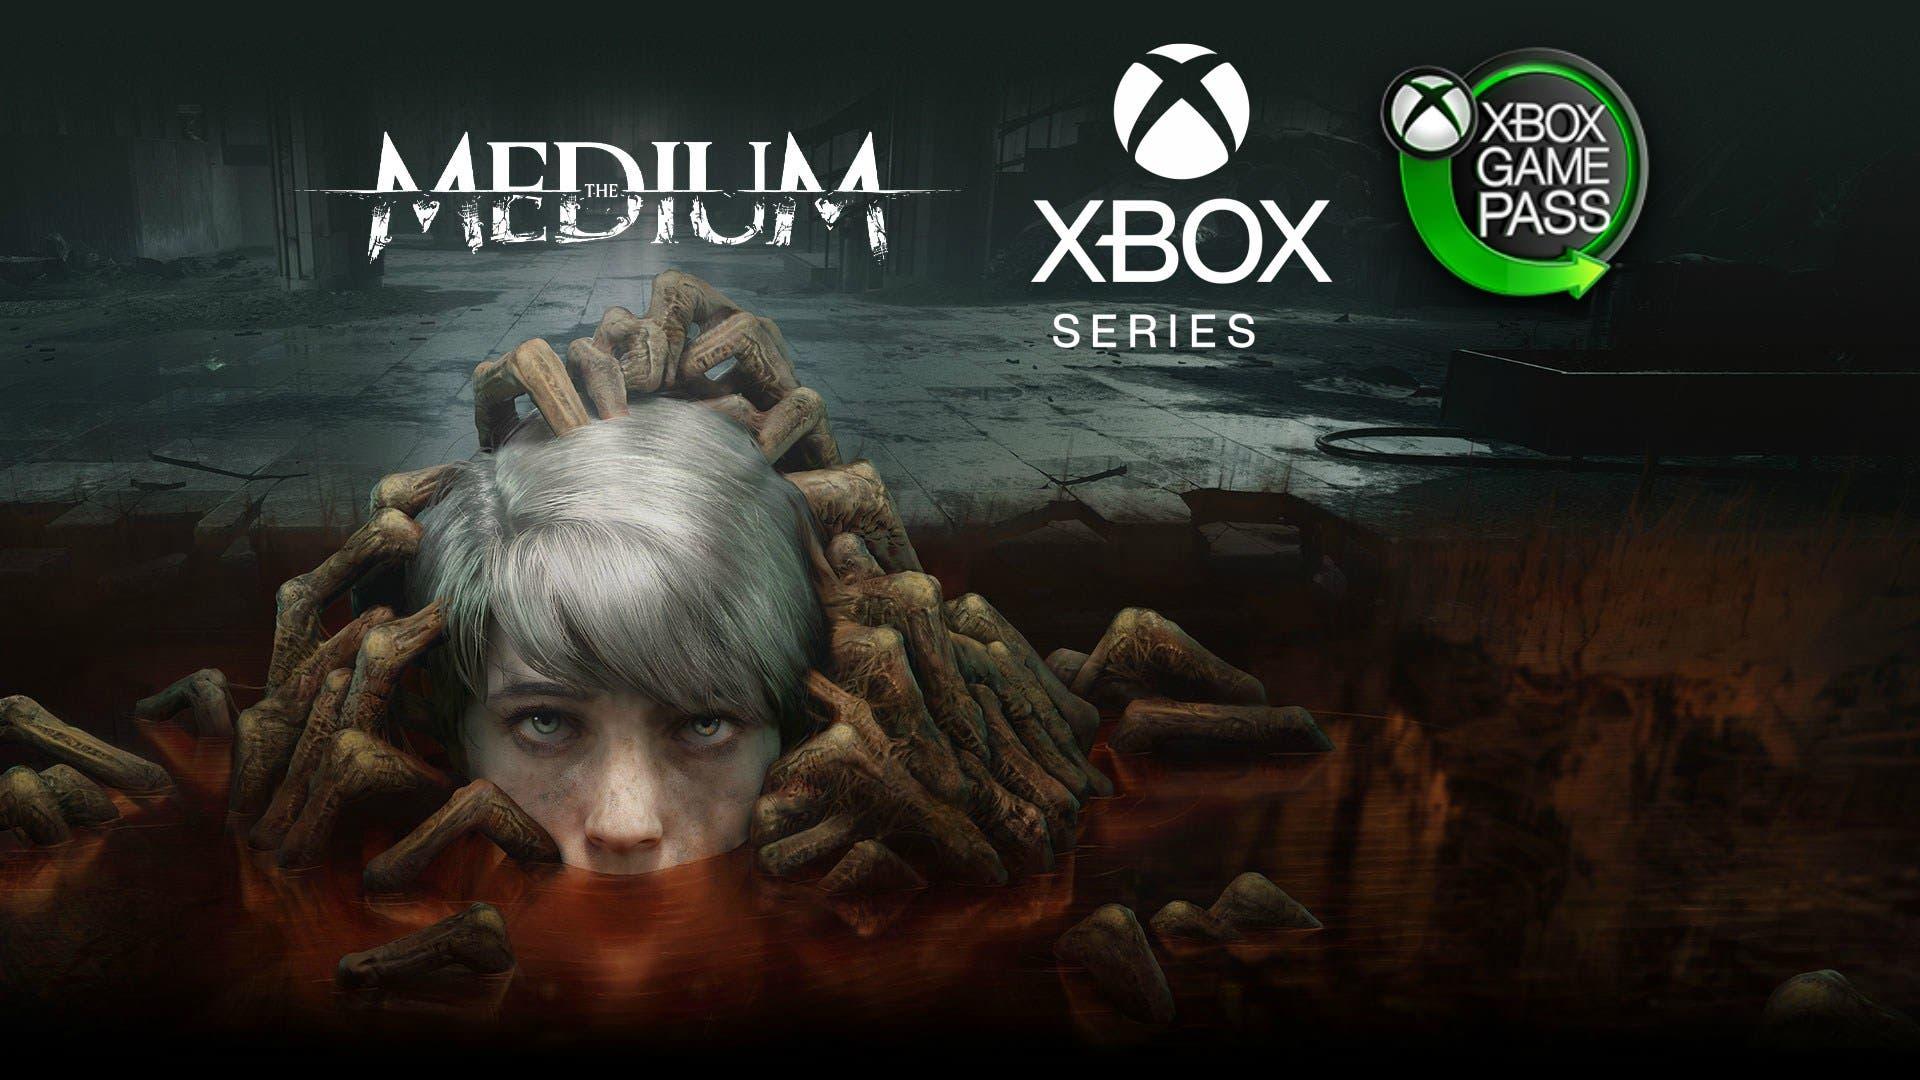 The Medium se inspiró en juegos como Silent Hill o Resident Evil